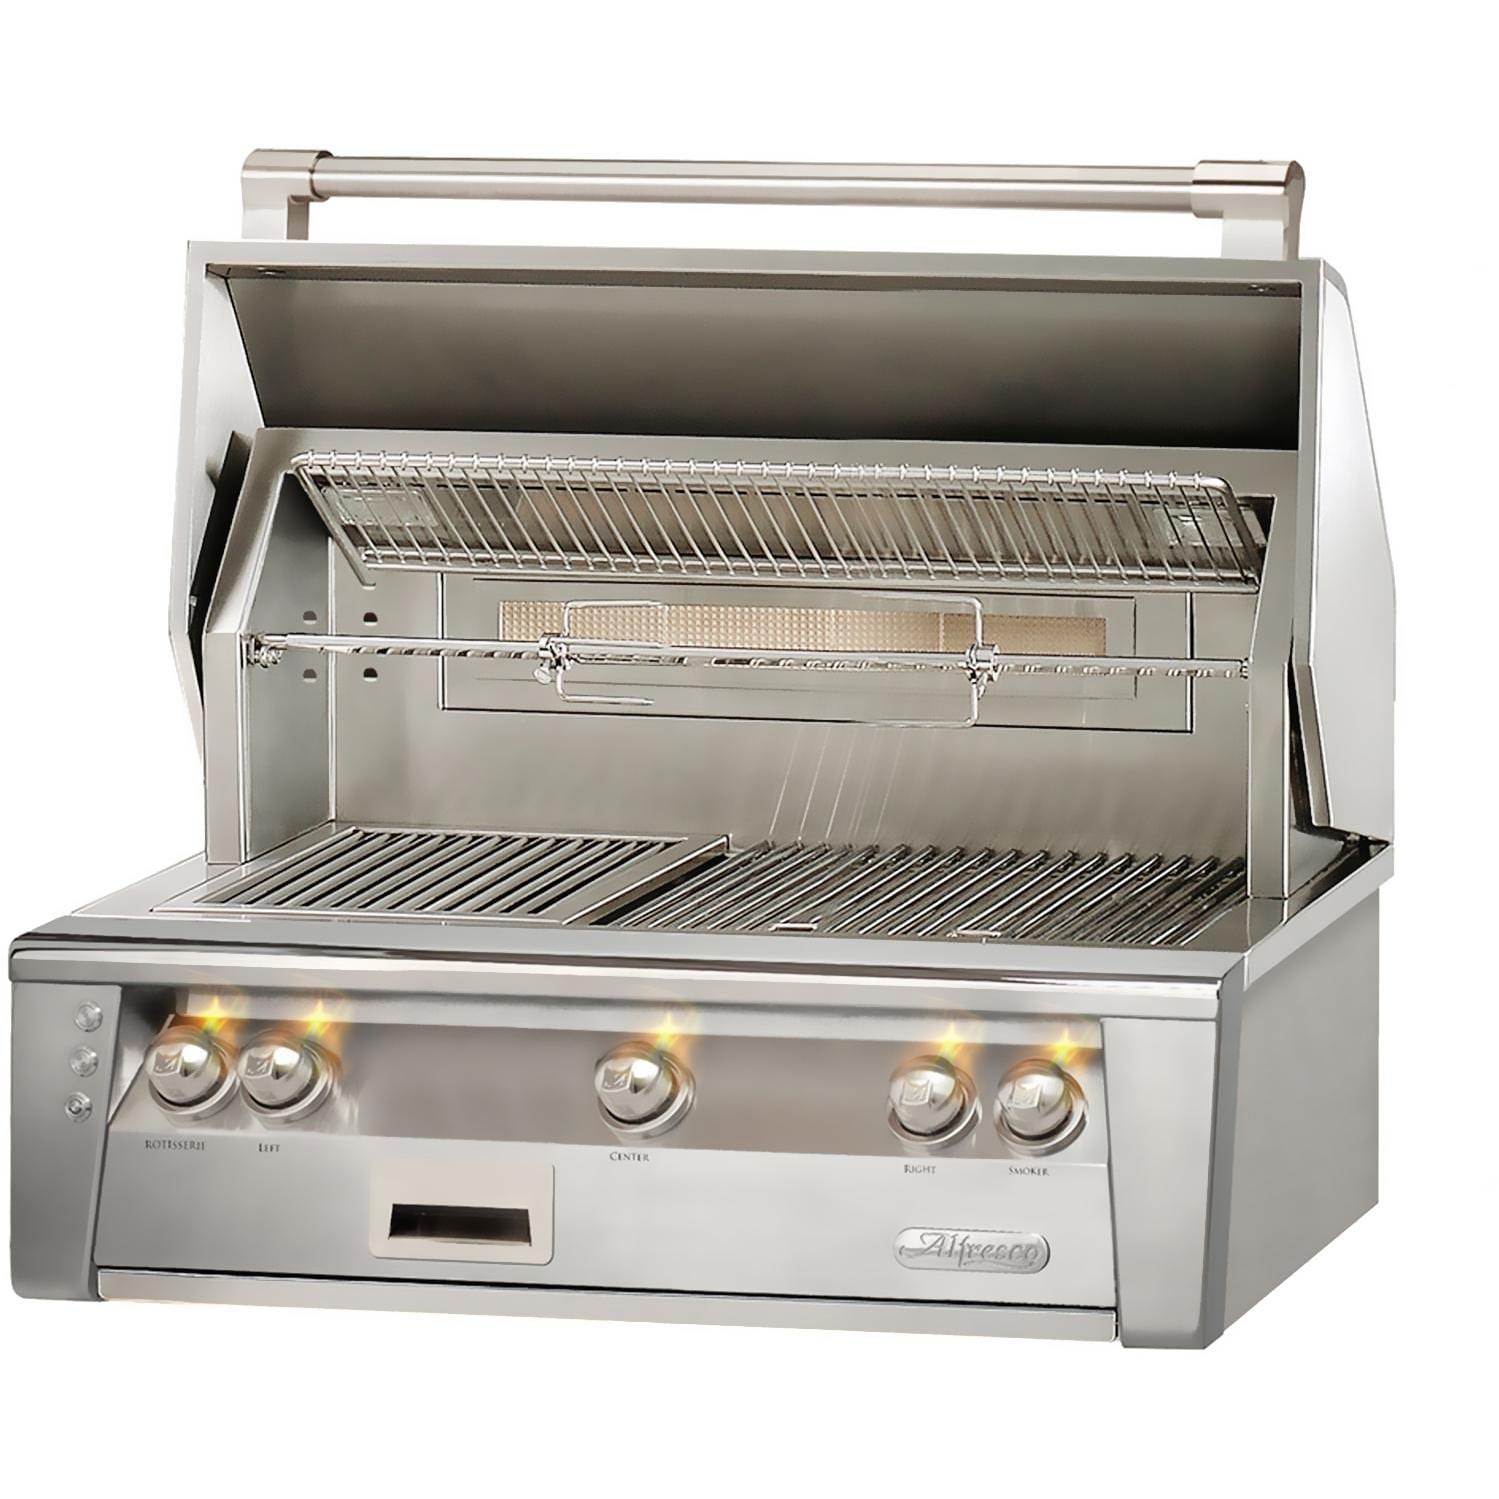 Alfresco ALXE 36-Inch Natural Gas Grill